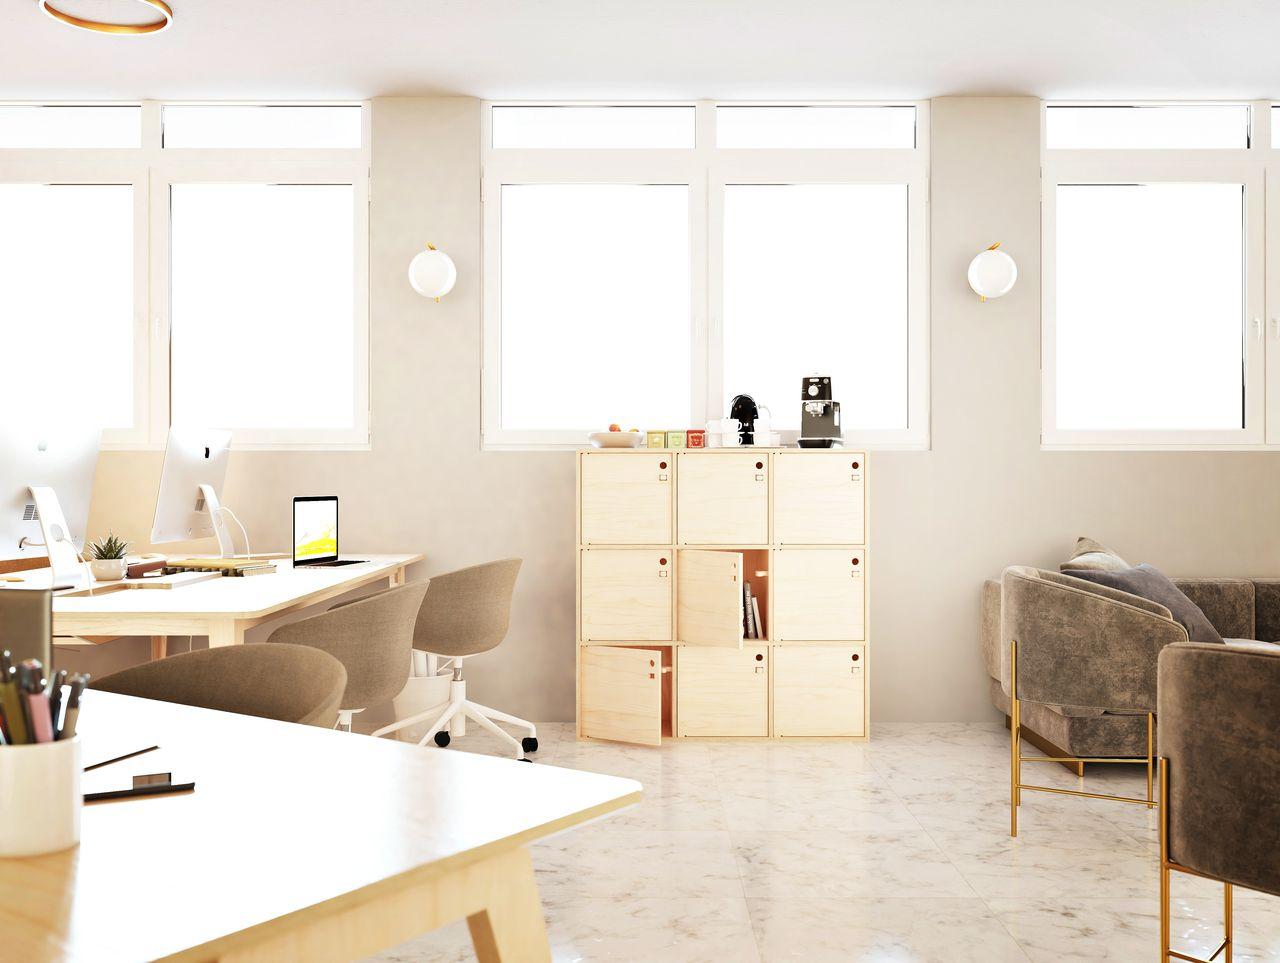 Casier de rangement en bois avec des cases fermées qui servent à entreposer les affaires personnelles des collaborateurs travaillant dans cet espace de bureau à l'ambiance et au style contemporain